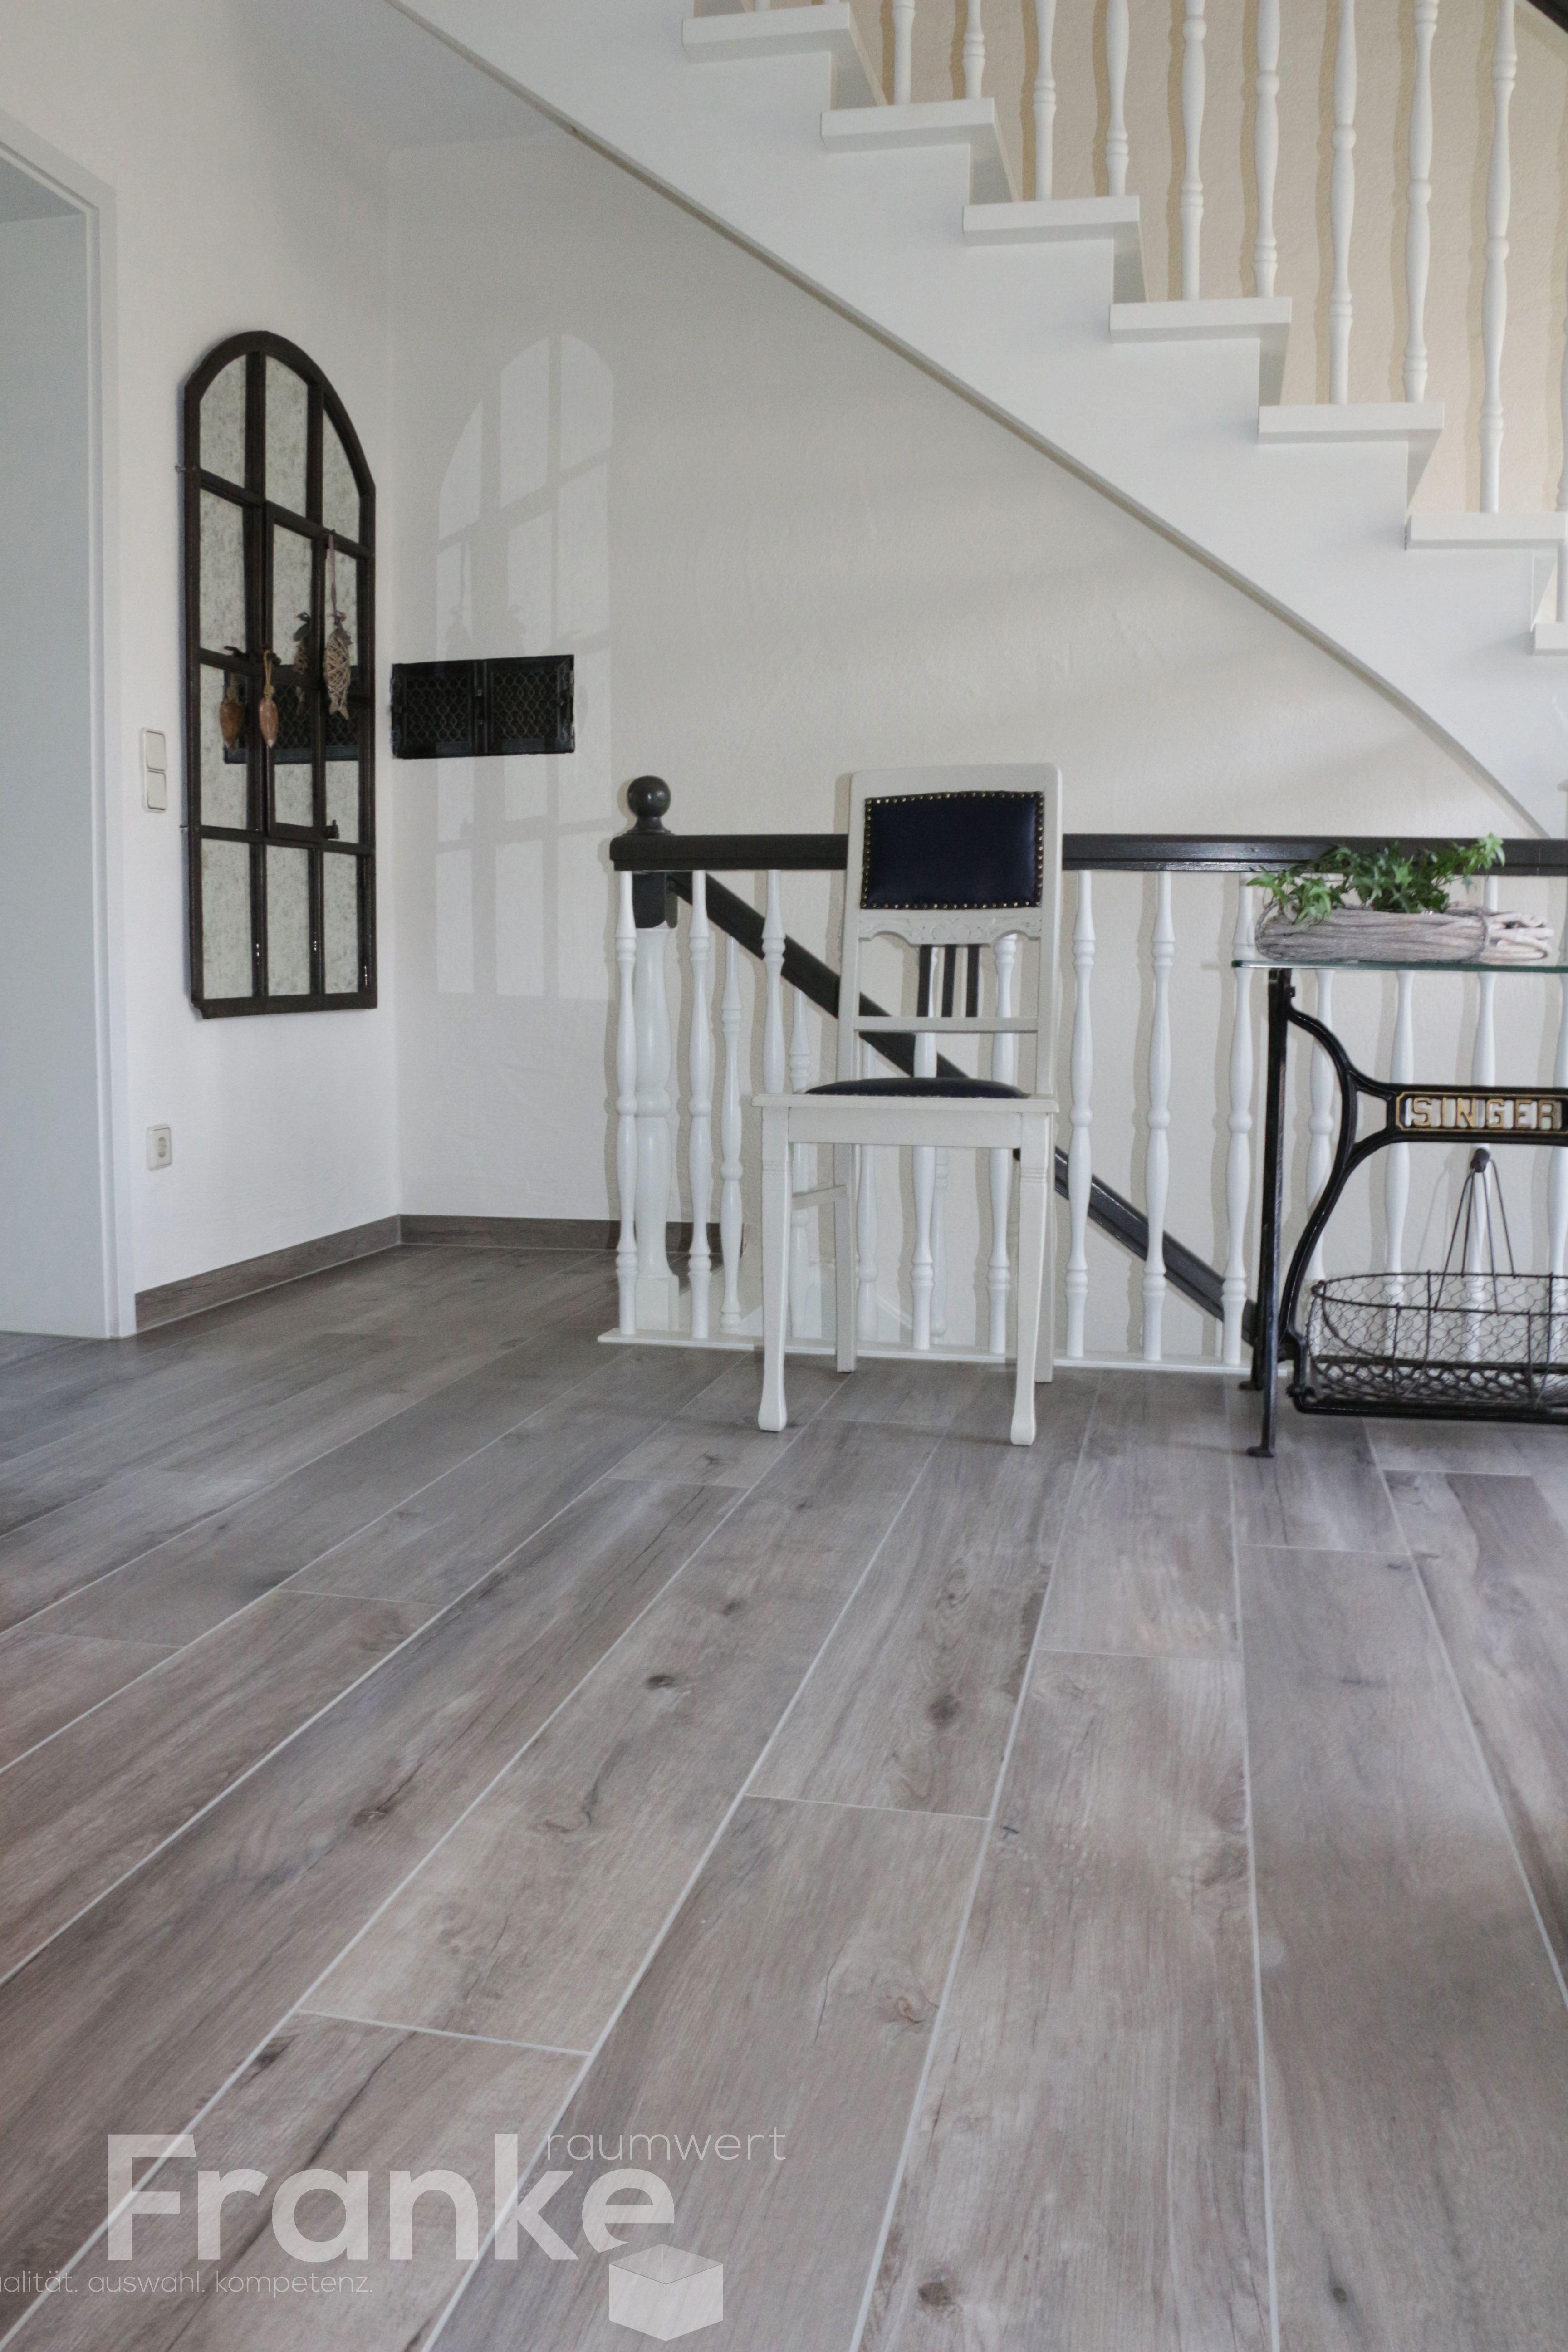 Fliesen In Holzoptik Die Optik Des Holzes Mit Der Langlebigkeit - Fliesen holzoptik schiffsboden